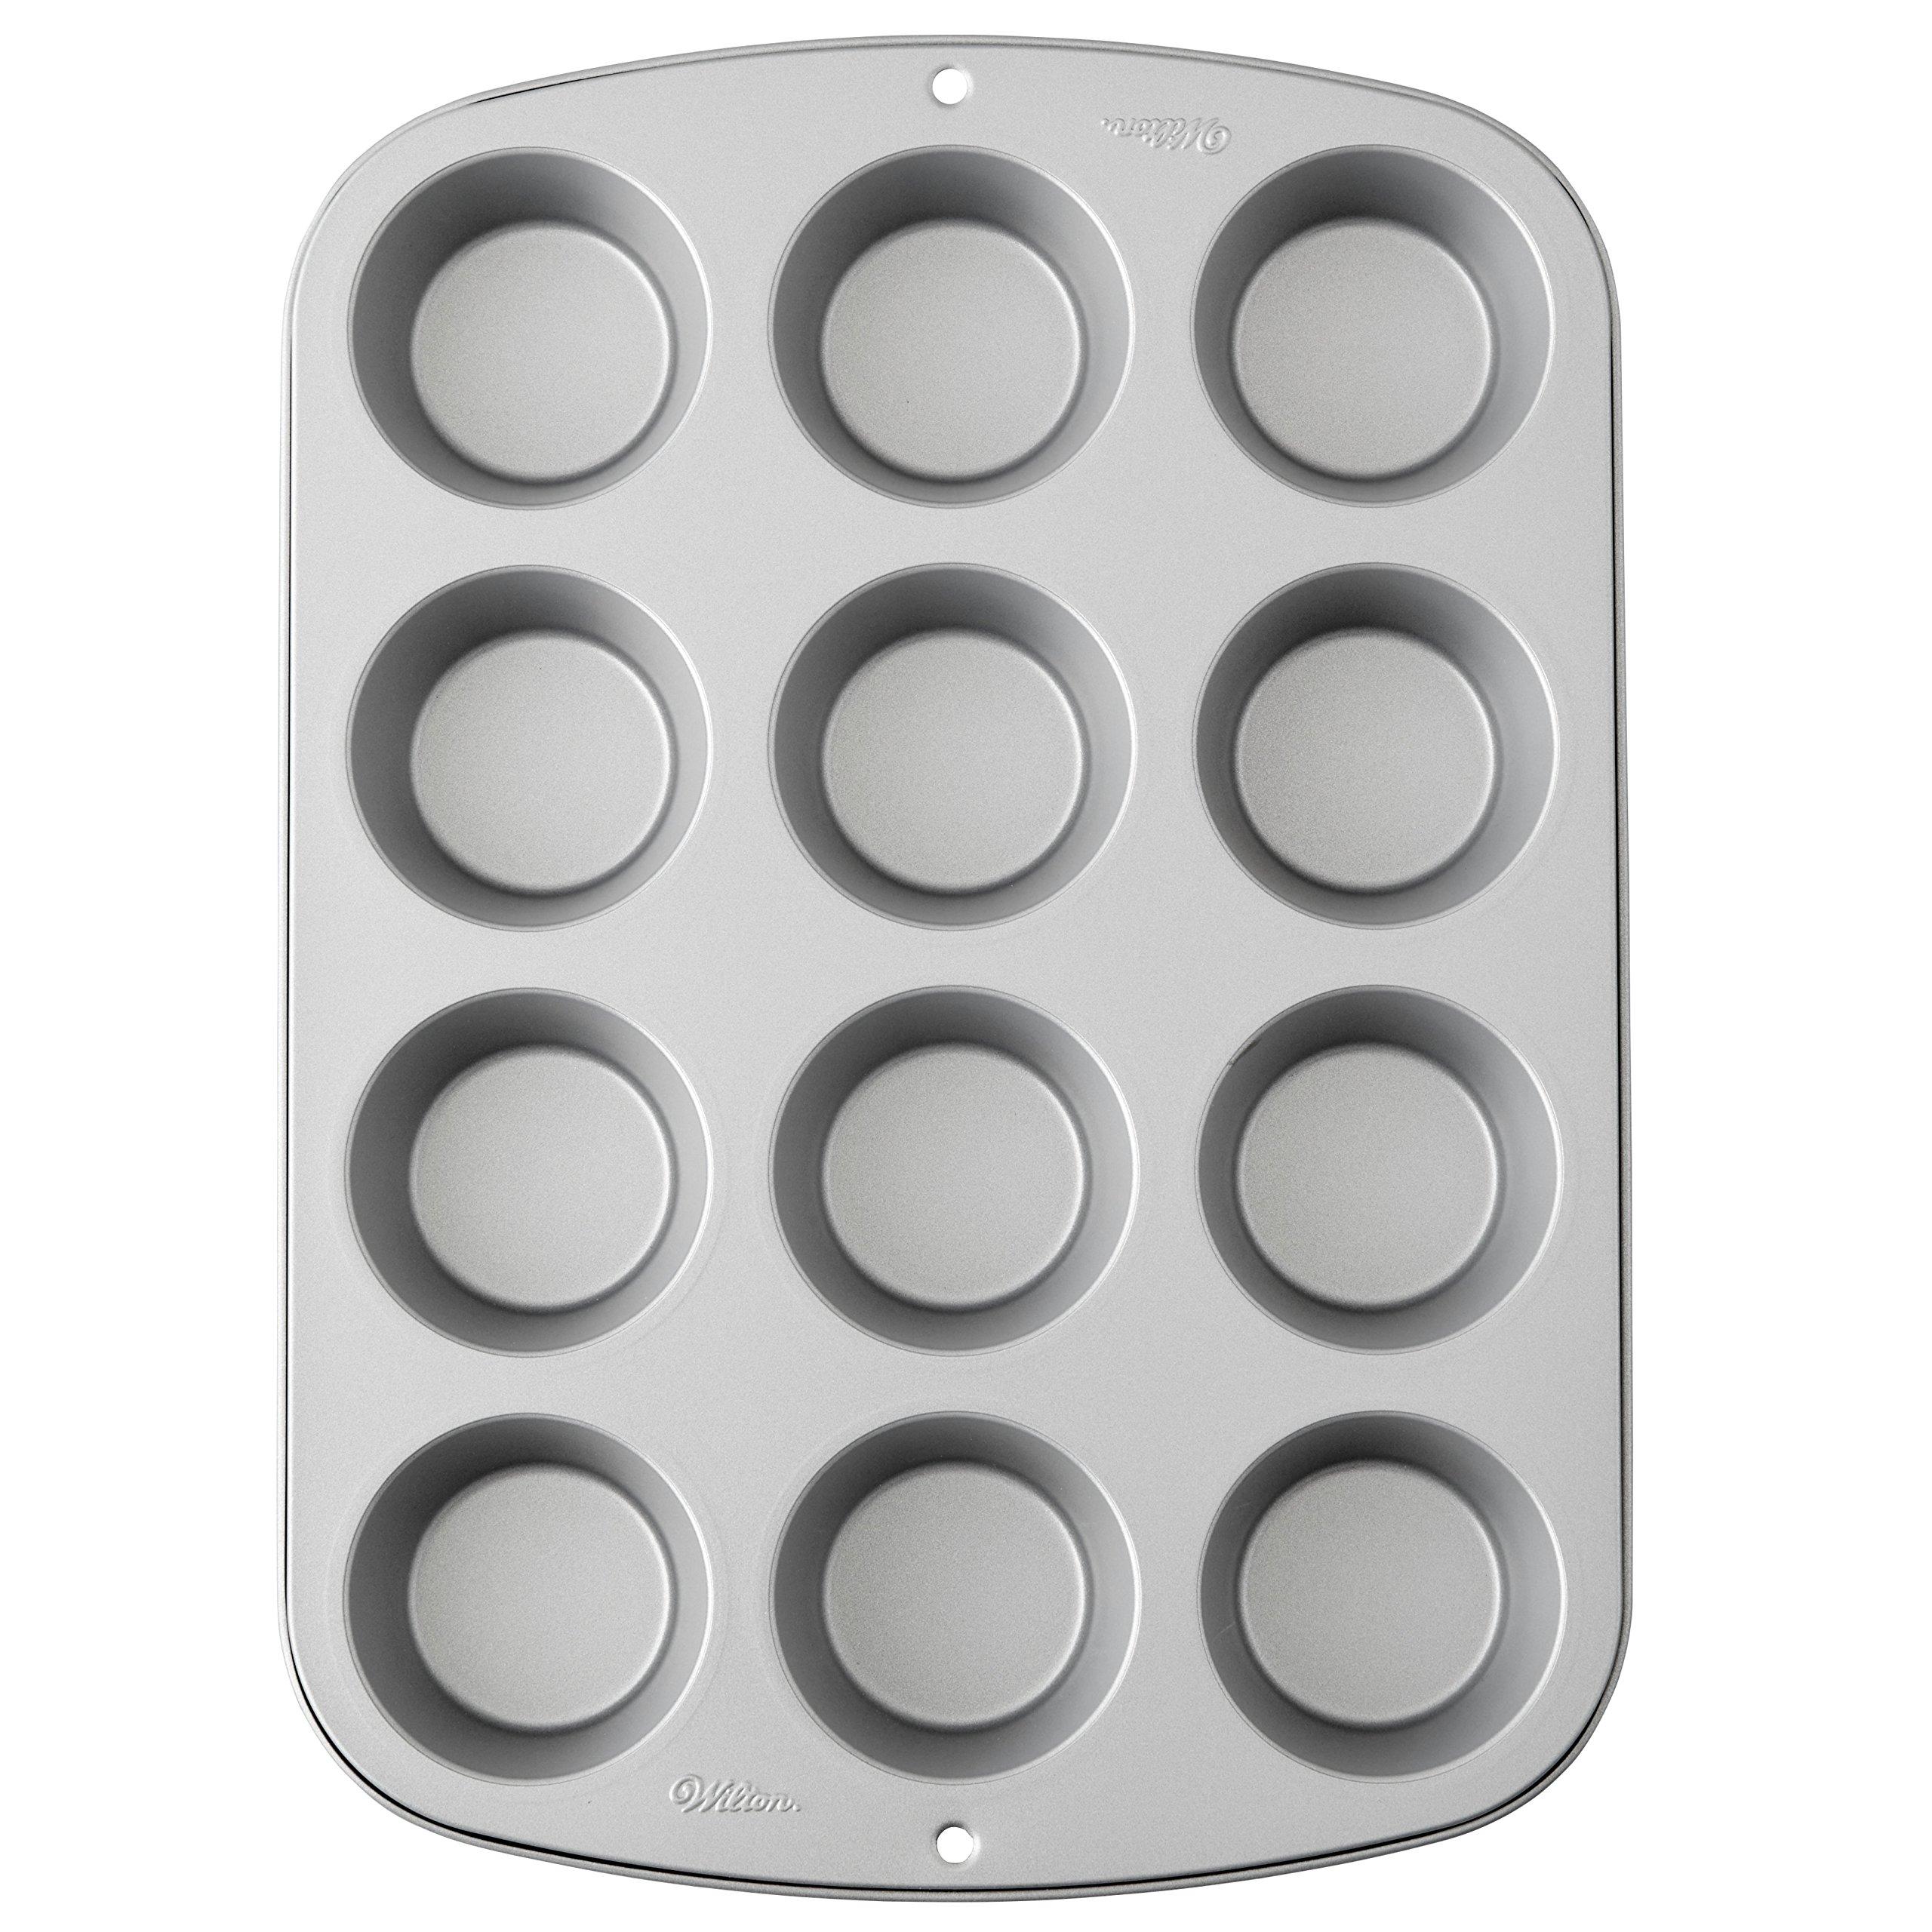 Wilton 2105-954 - Molde para 12 magdalenas product image